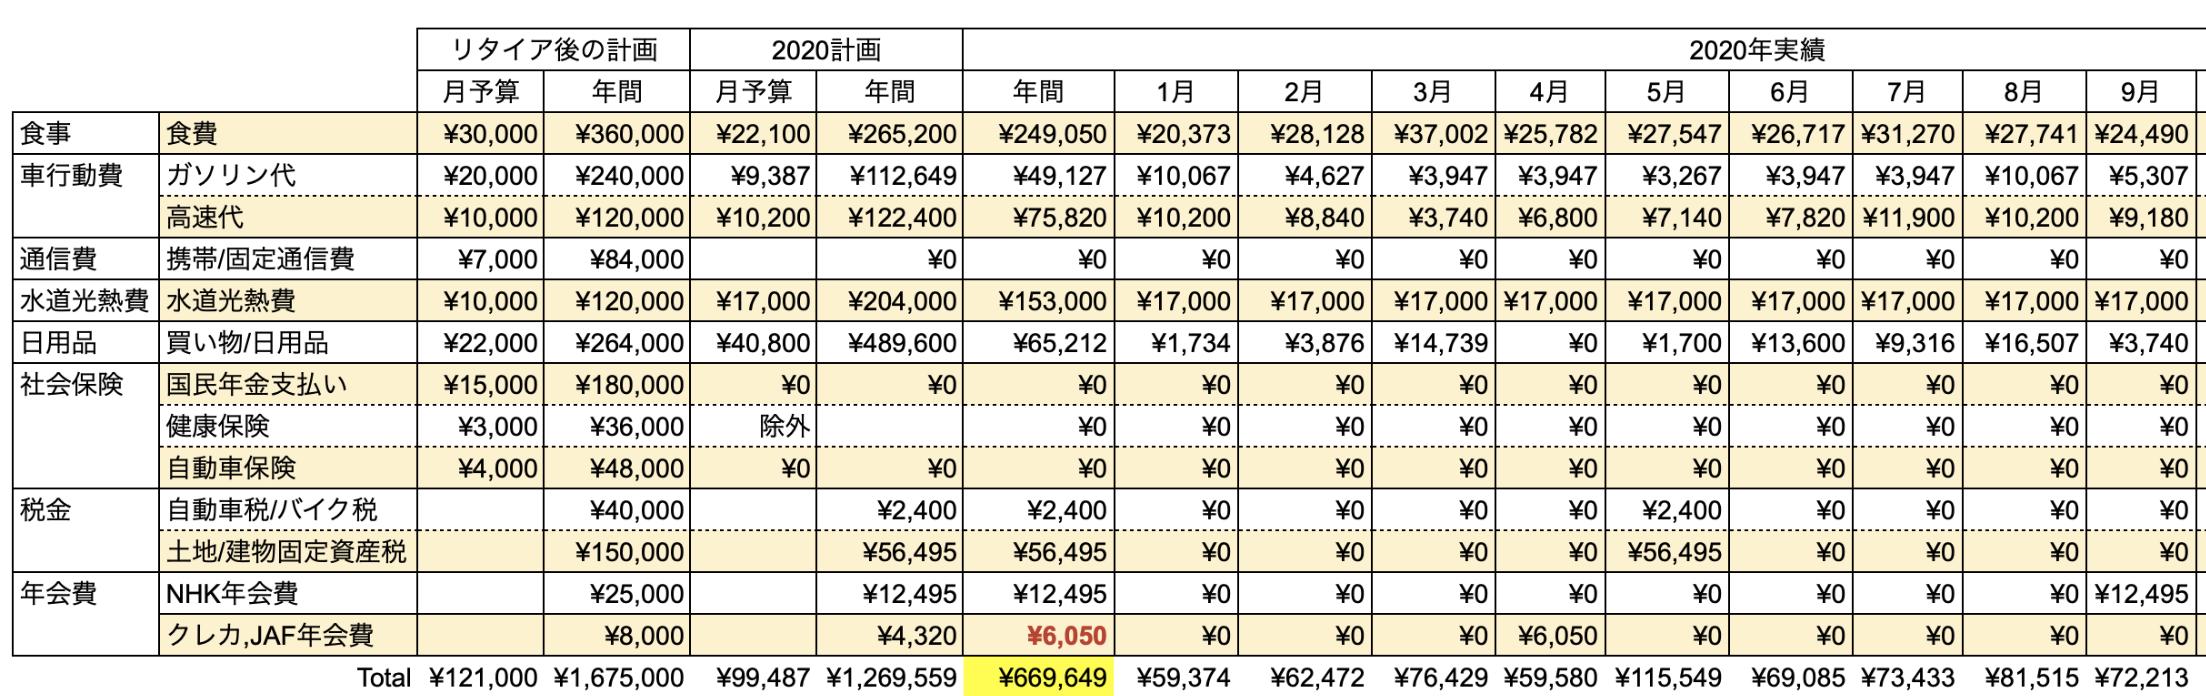 支出実績2020_09月_生活費